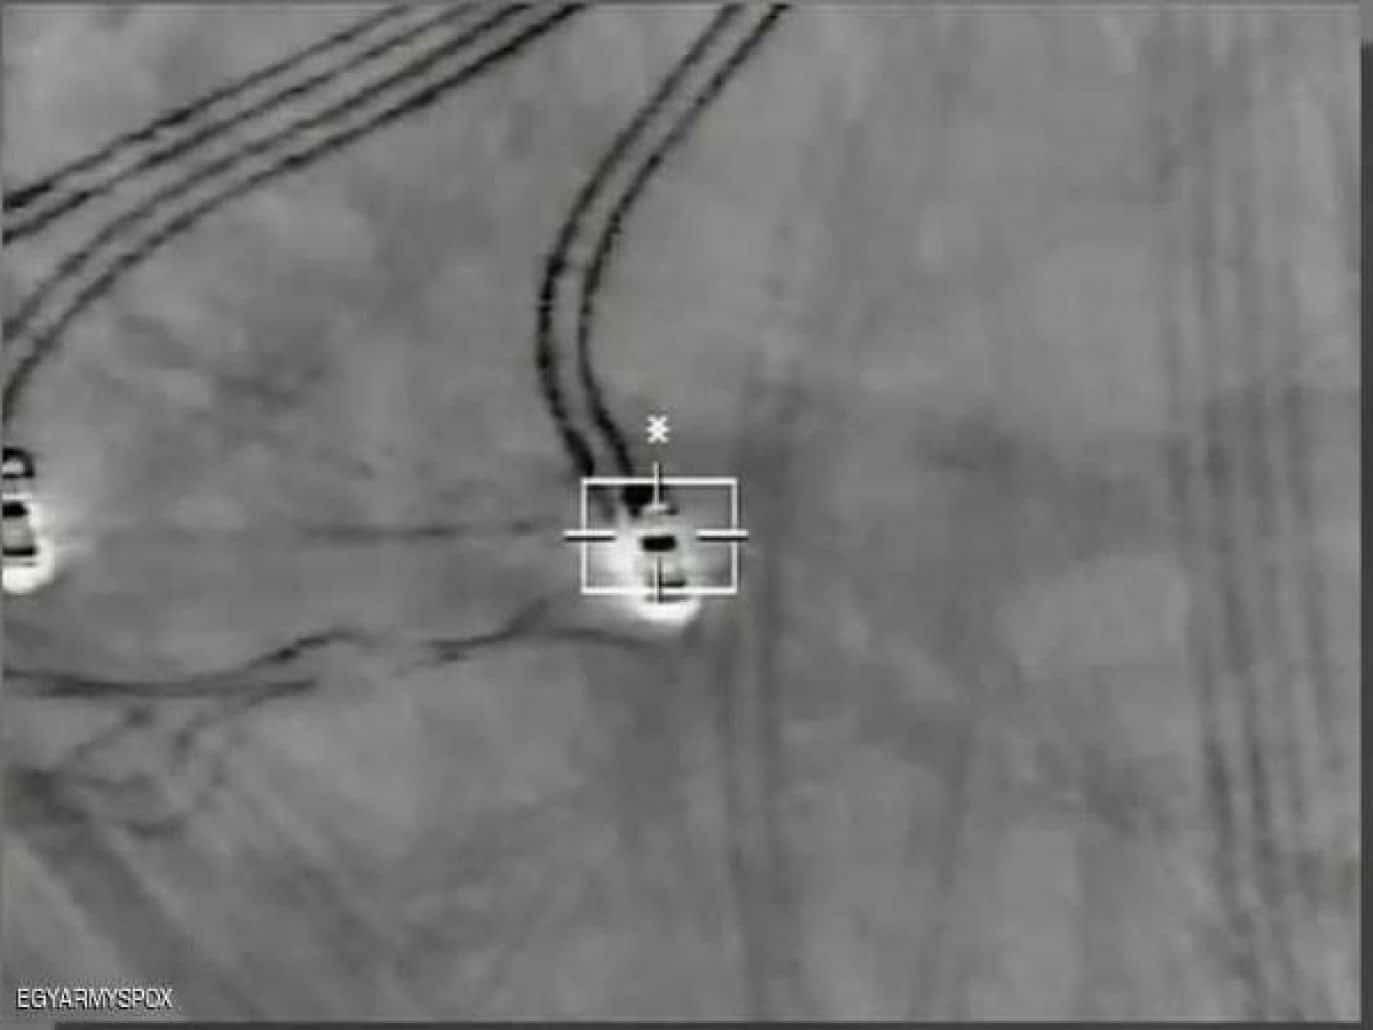 ما حقيقة فيديو الغارات الجوية المصرية على مواقع المتشددين في سيناء؟